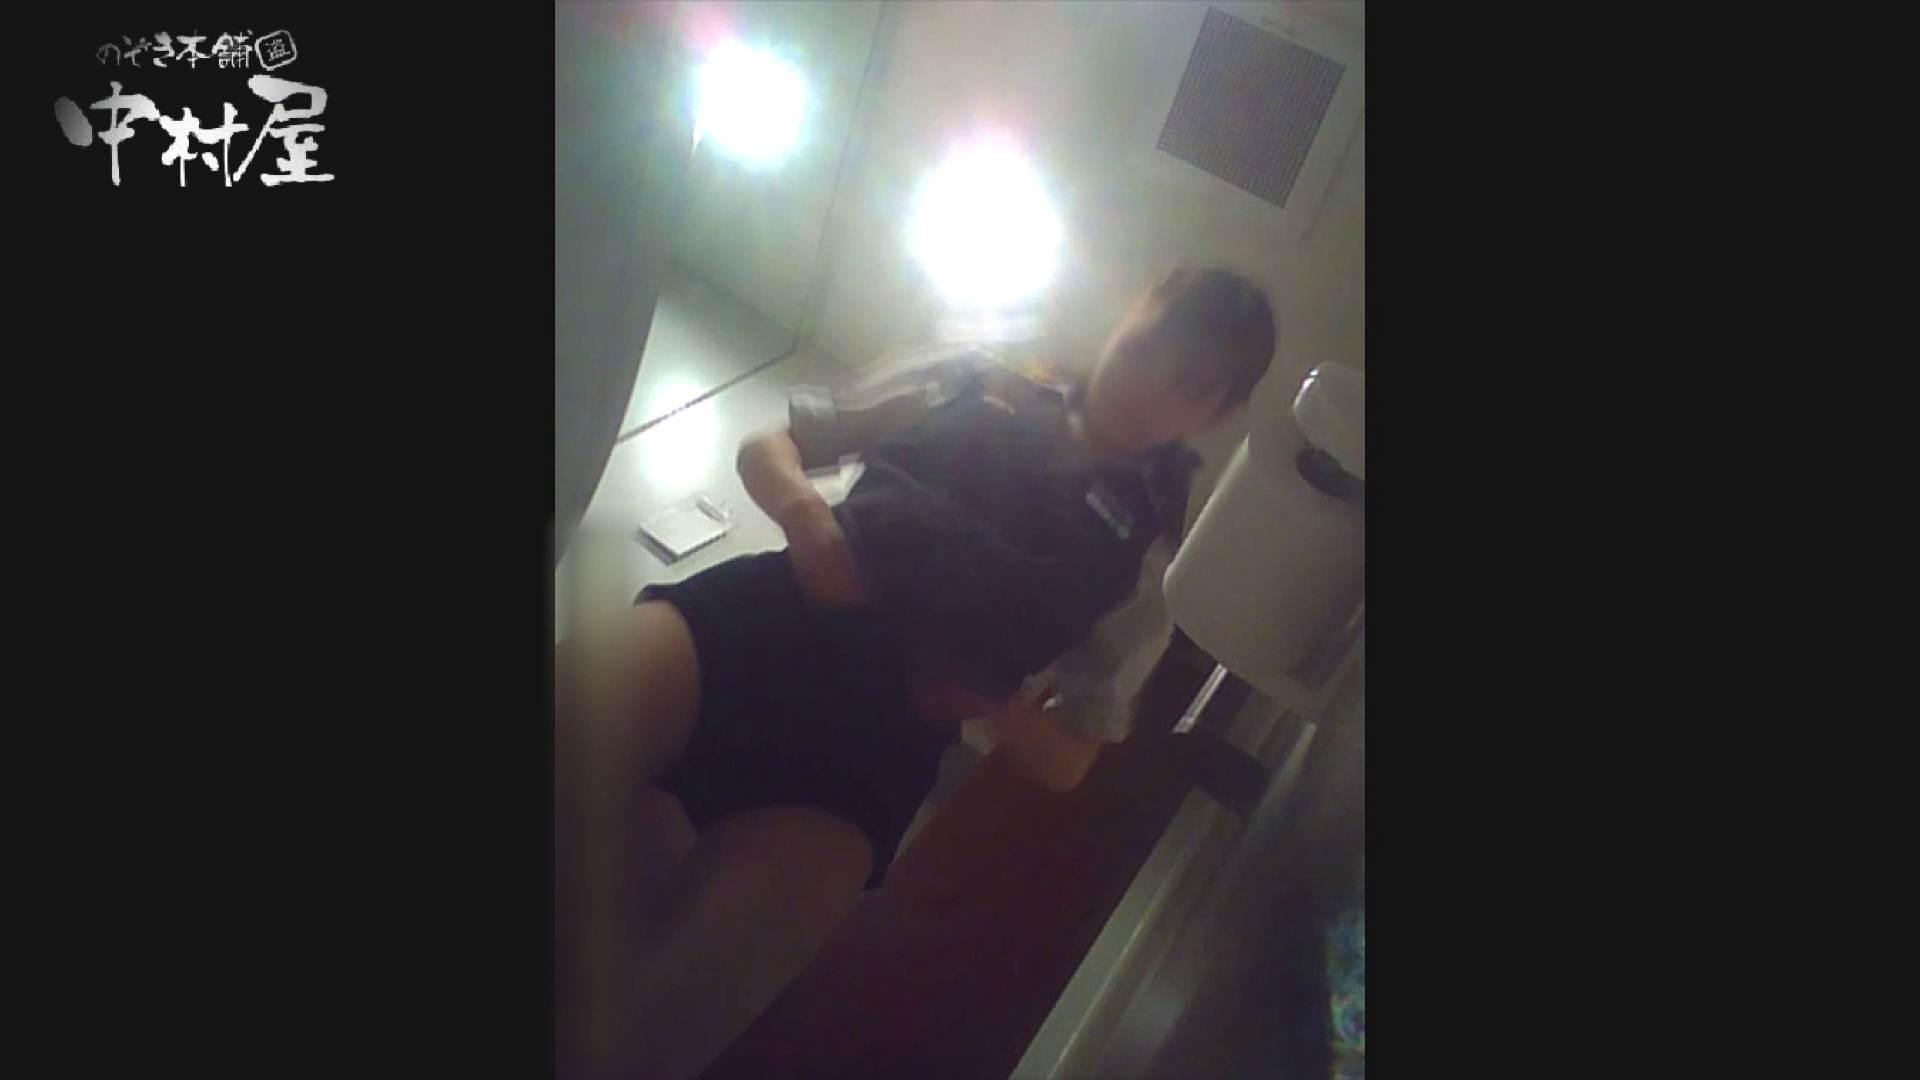 高画質トイレ盗撮vol.12 トイレ 盗み撮りAV無料動画キャプチャ 64画像 13